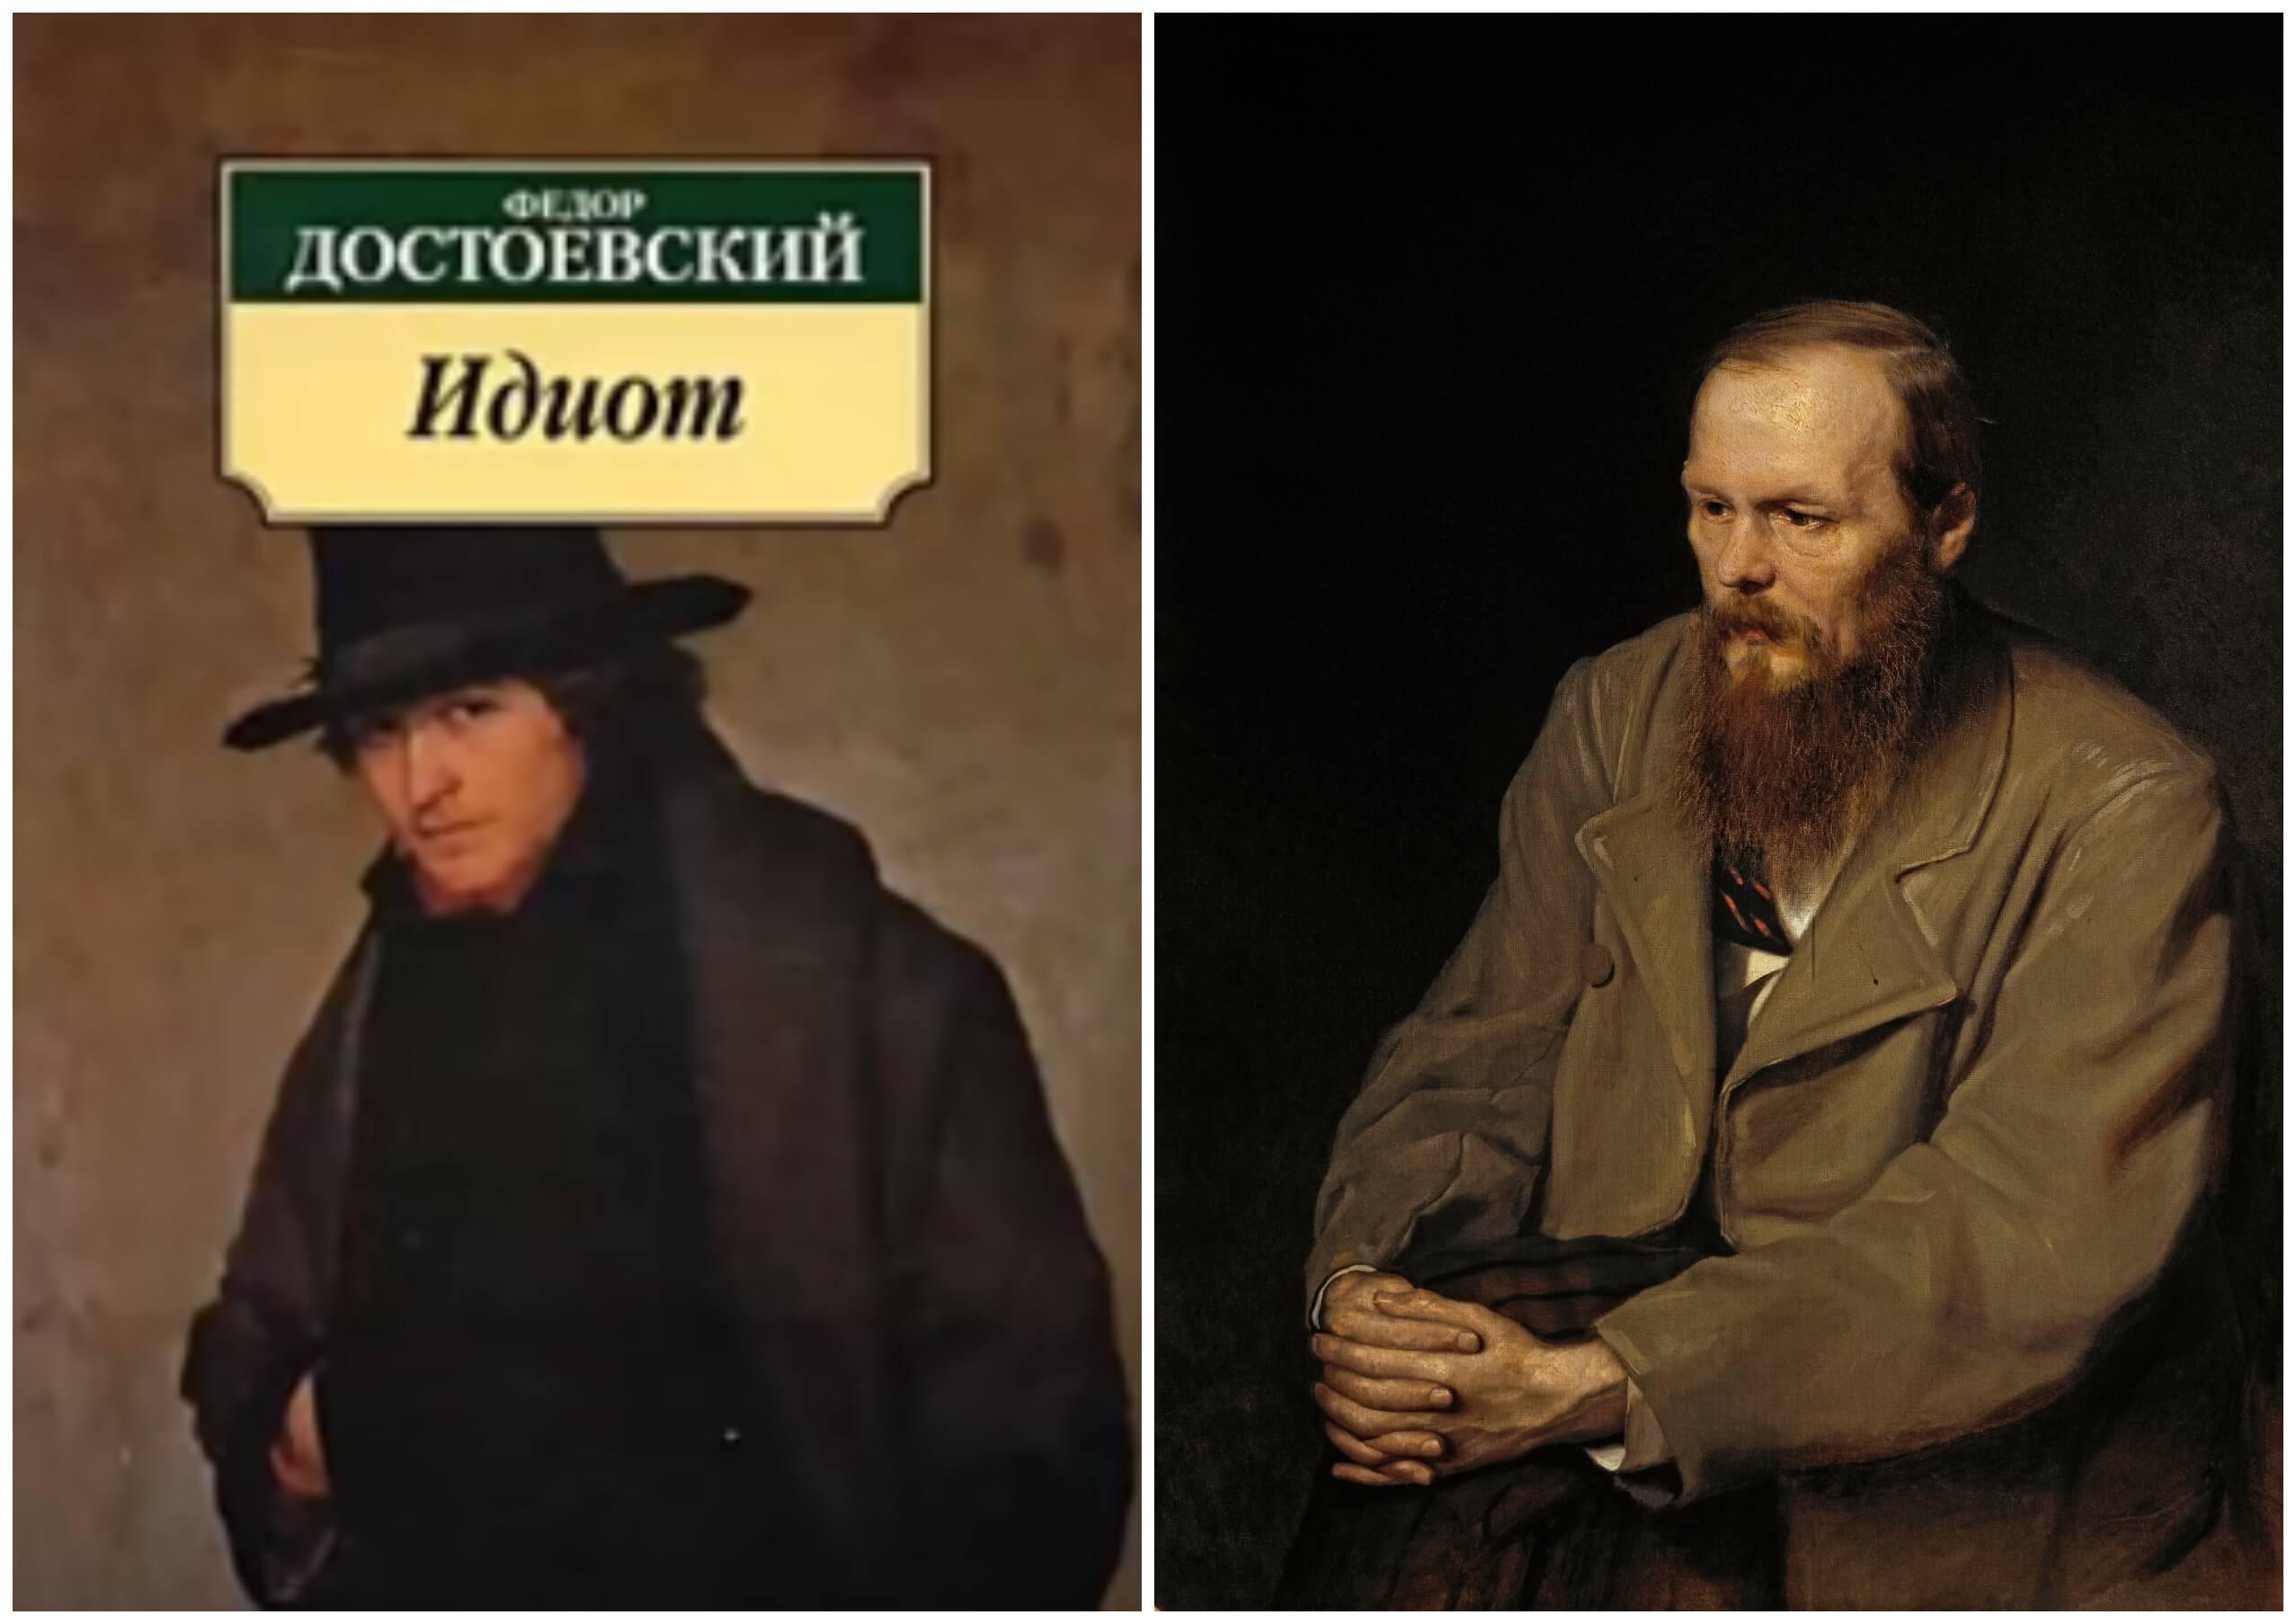 """На фото изображена обложка романа """"Идиот"""" и Достоевский."""